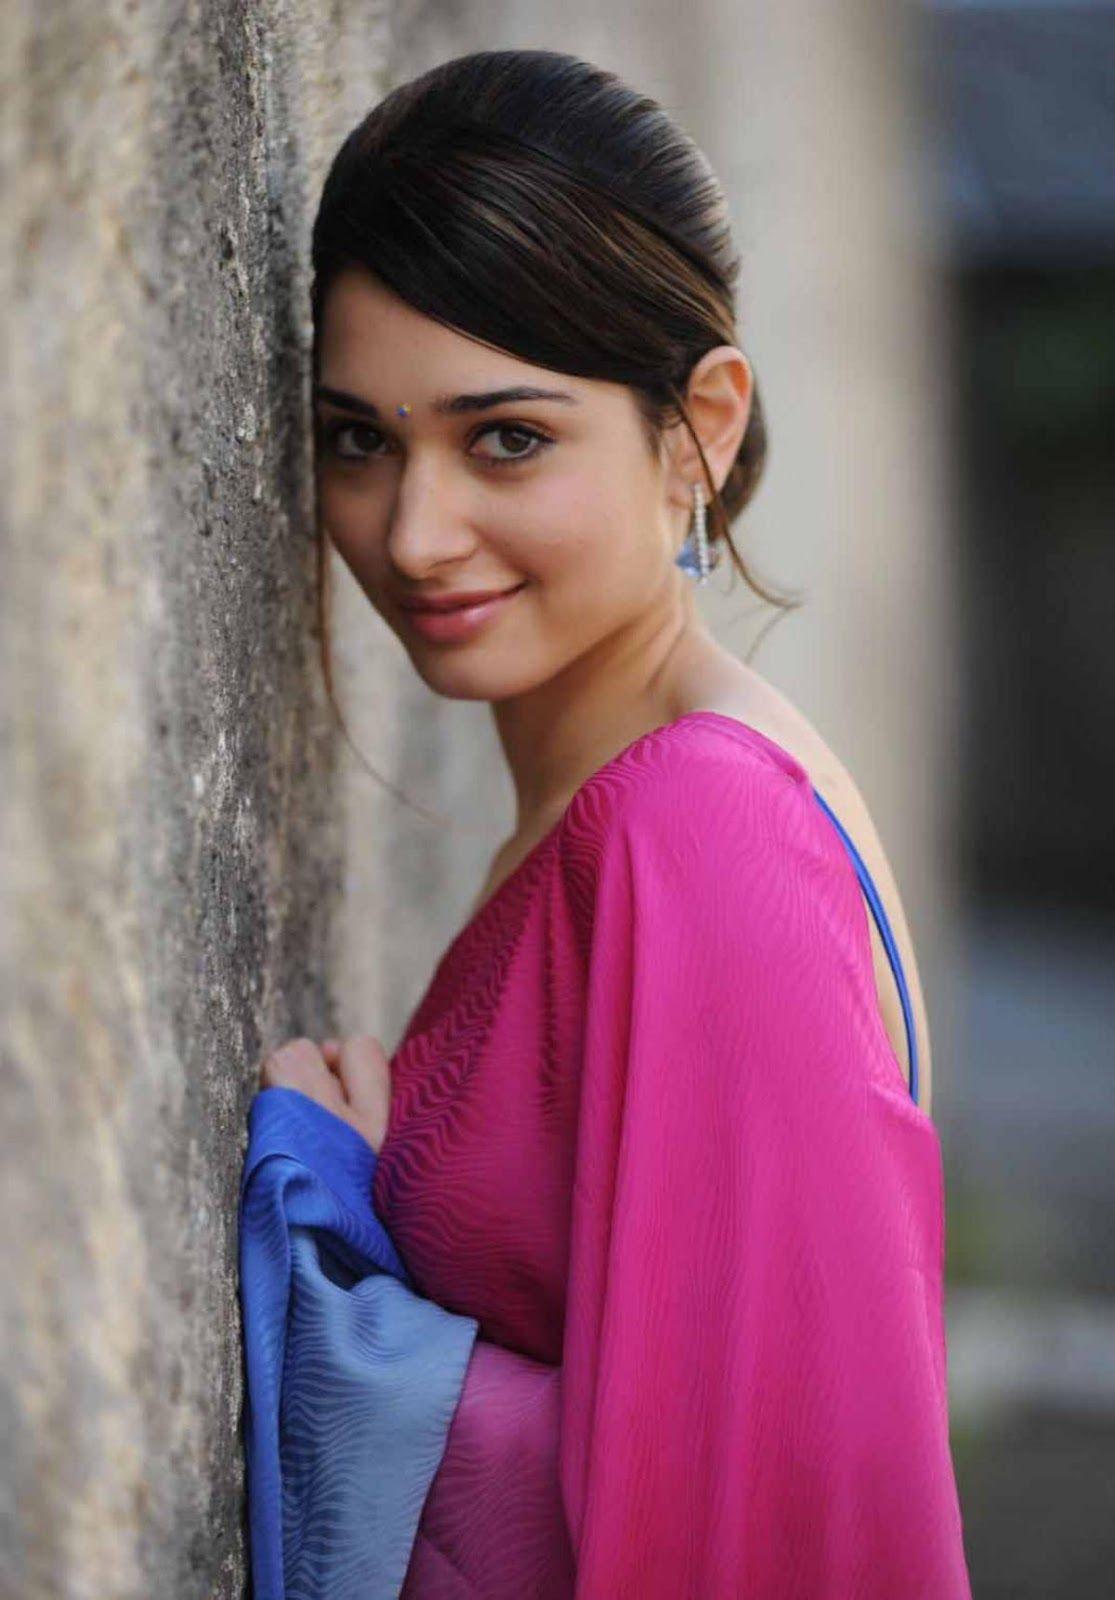 Pin By Deoy On Tamanna Bhatia Saree Beautiful Saree Indian Actresses